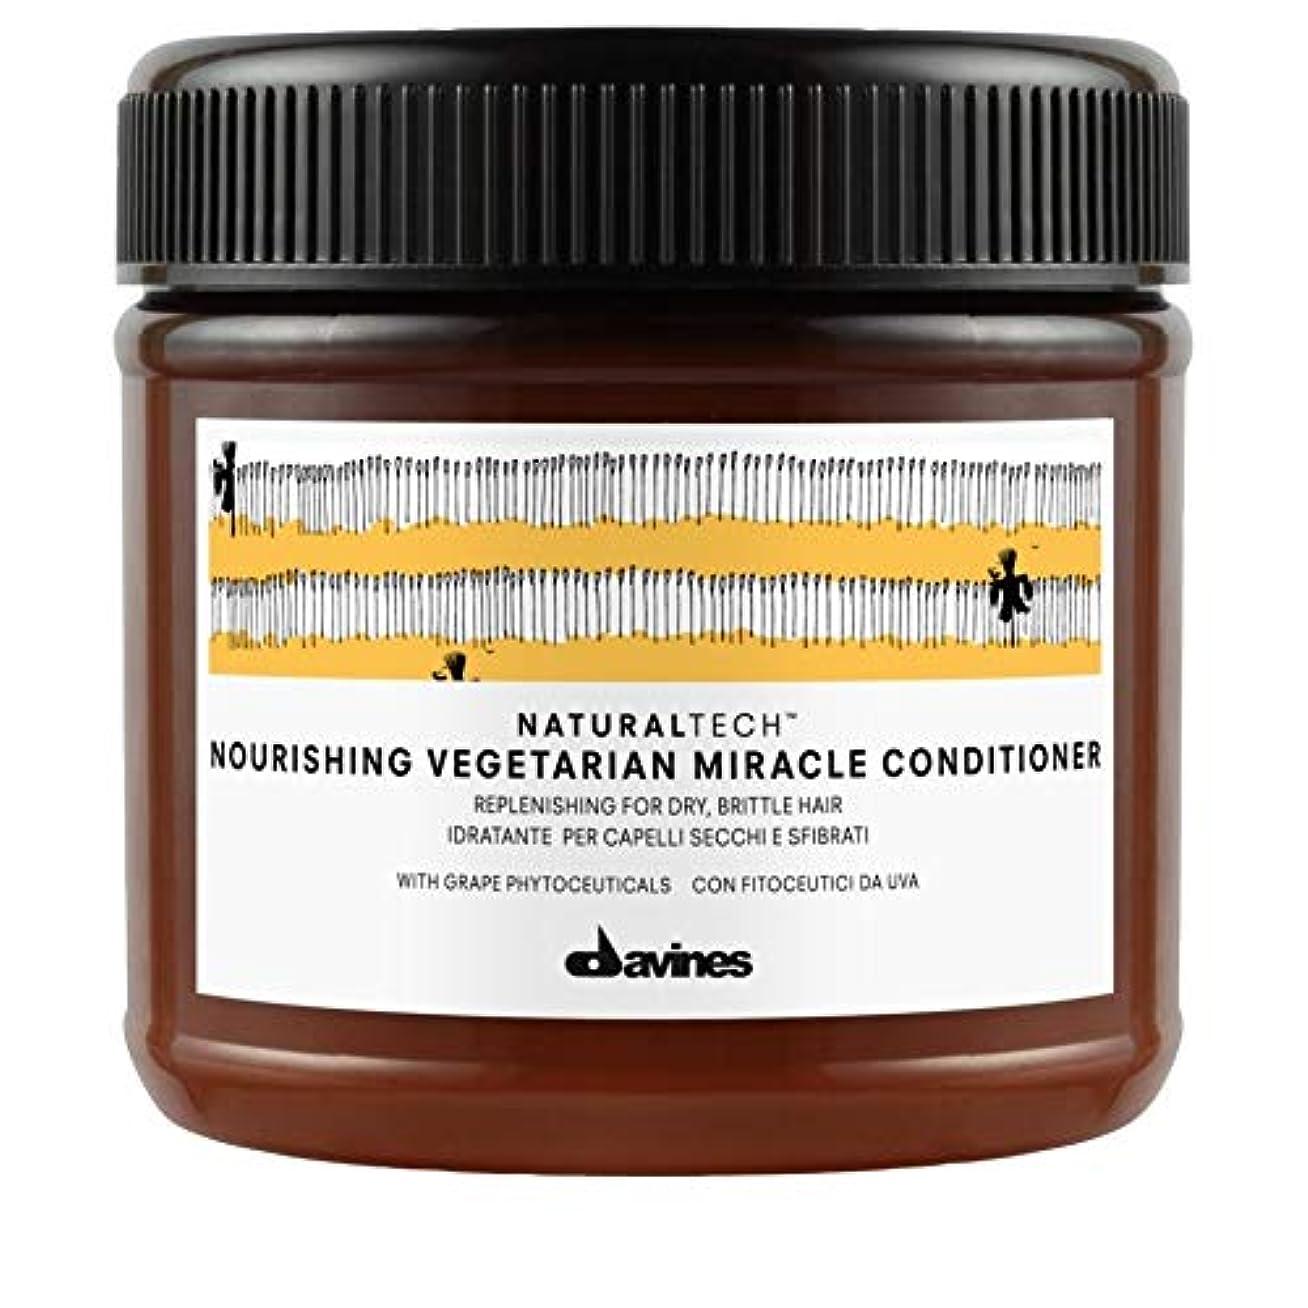 サミット日常的に雇う[Davines ] ダヴィネス栄養ベジタリアン奇跡のコンディショナー250Ml - Davines Nourishing Vegetarian Miracle Conditioner 250ml [並行輸入品]